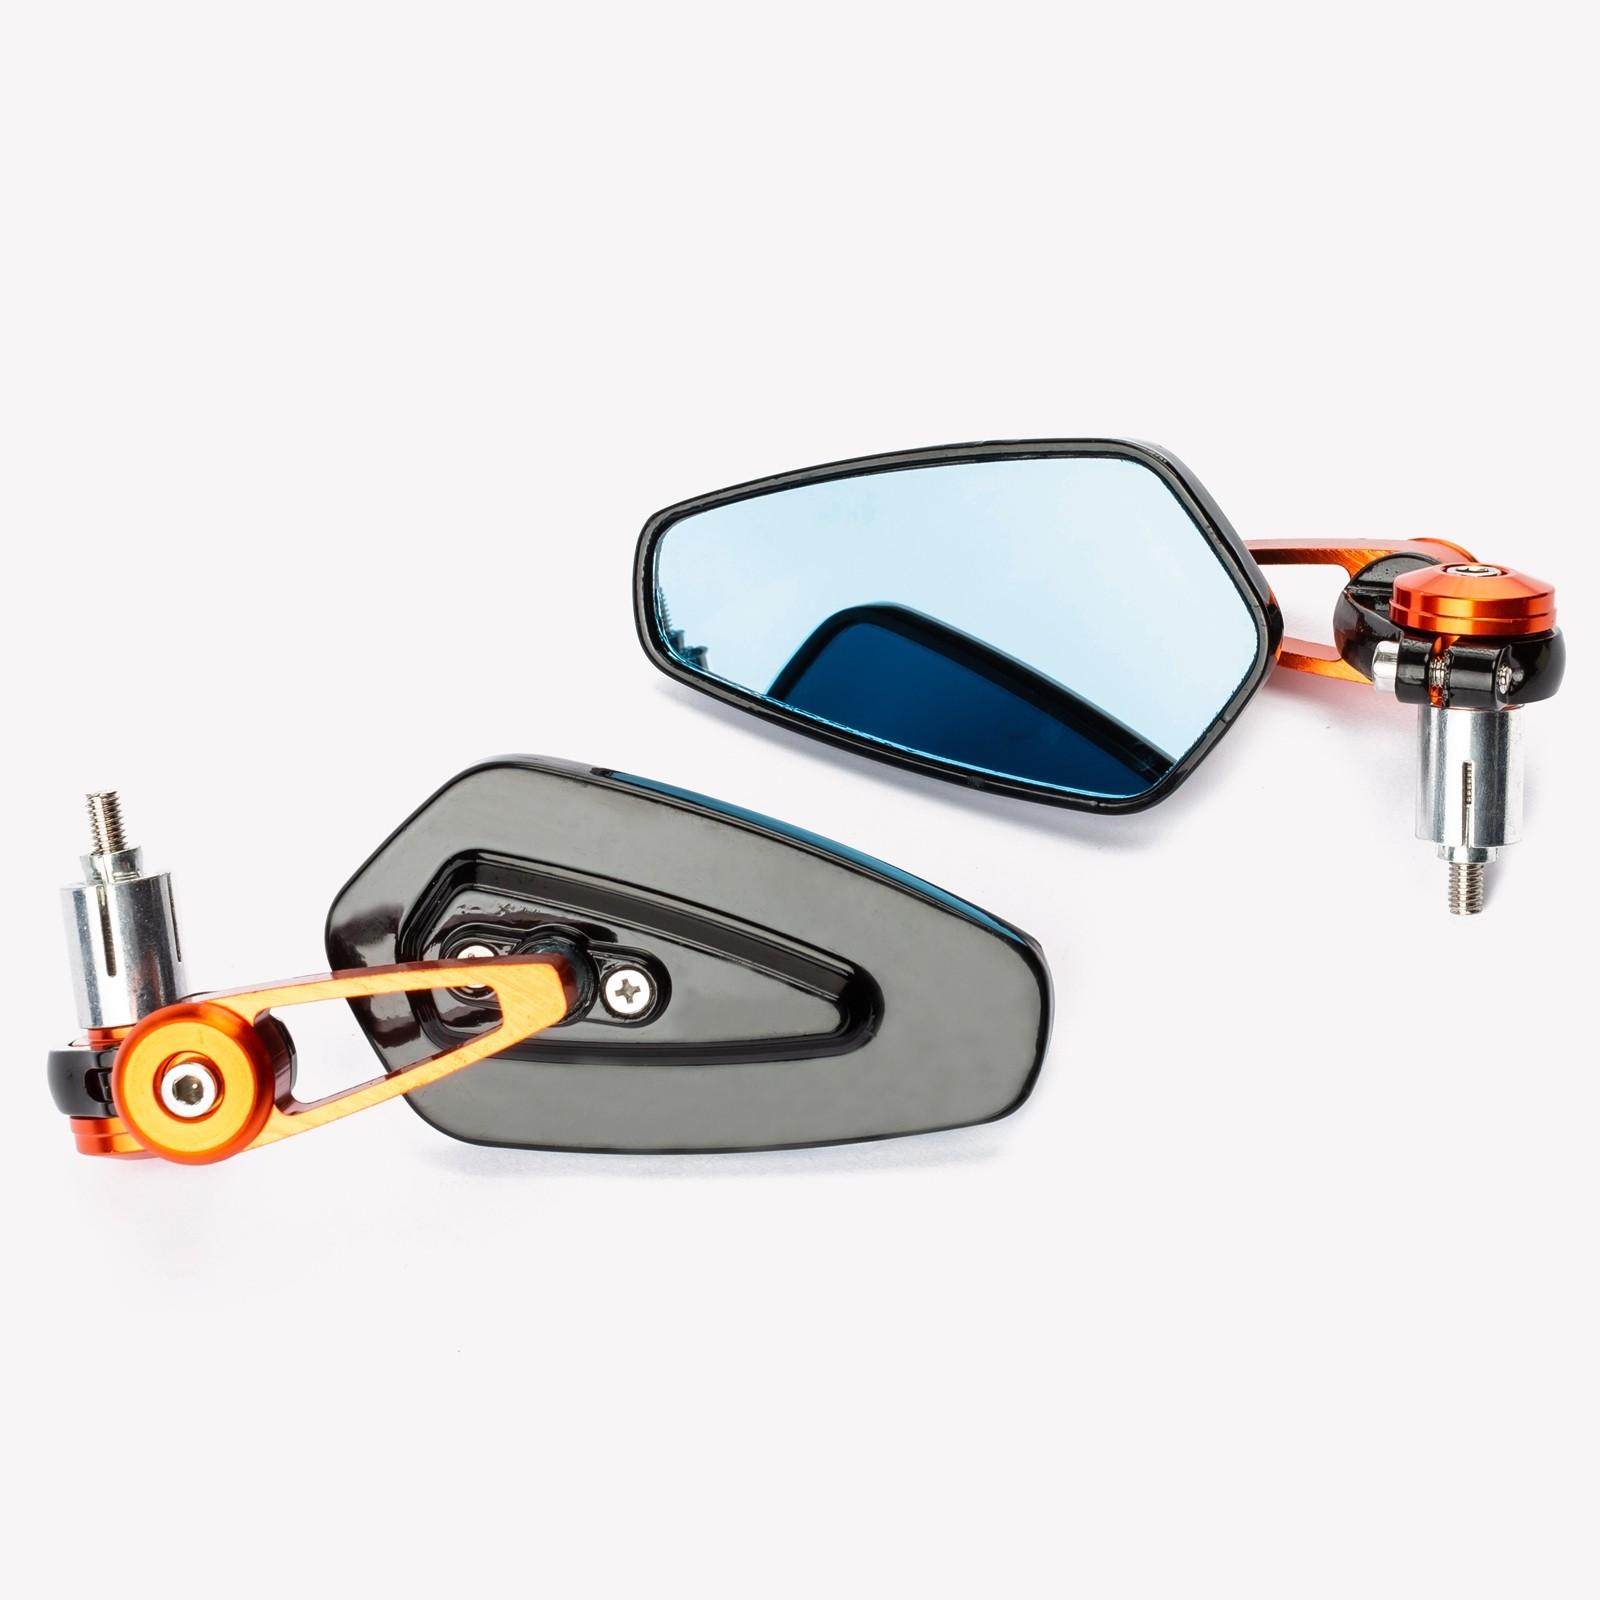 SR-4846-A-Pro-Specchietti-Black-Sonic-Nero-Moto-Front